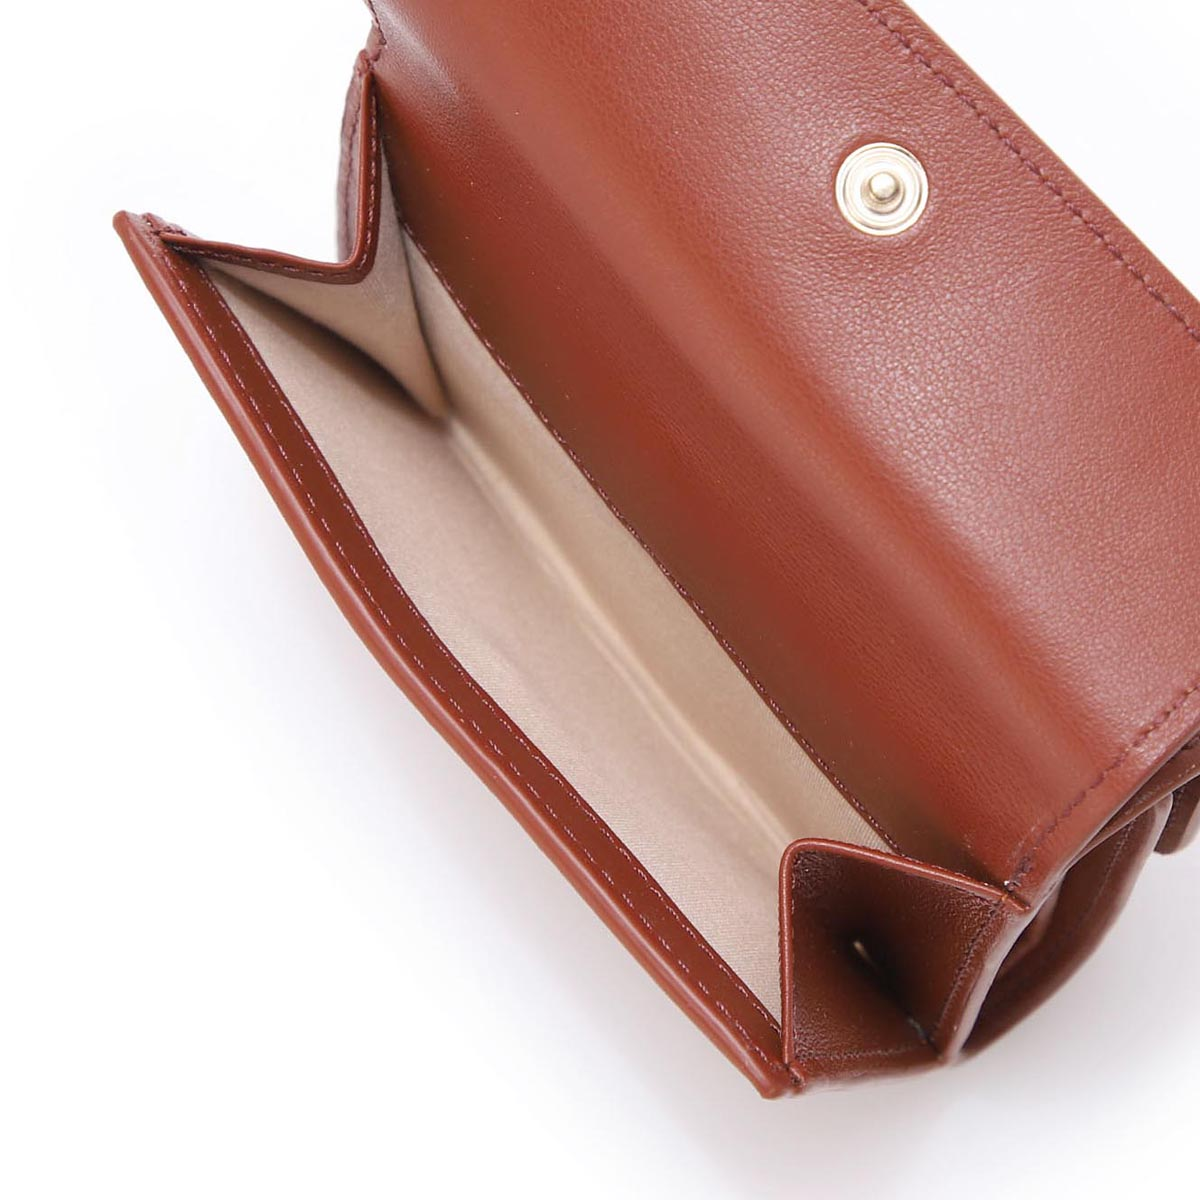 Chloe クロエ 3つ折り財布 小銭入れ付き/ALPHABET レディース